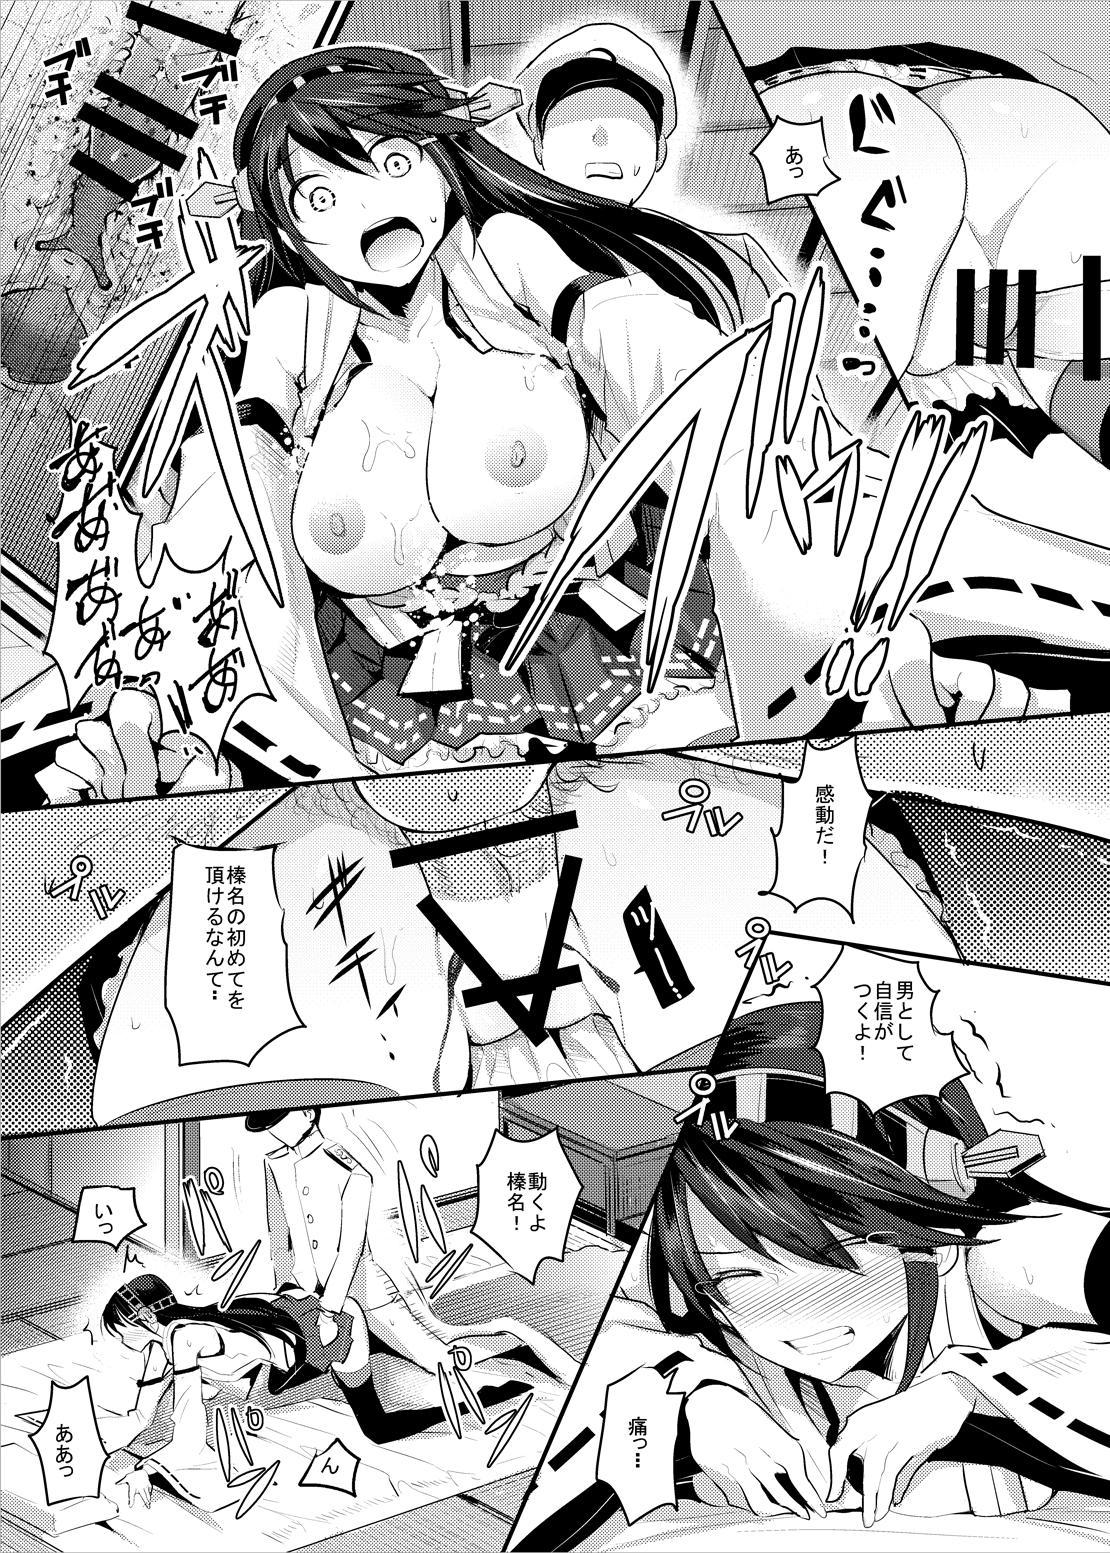 Haruna ni Dogeza de Onegai Shitara Yarasete Kuremashita 11